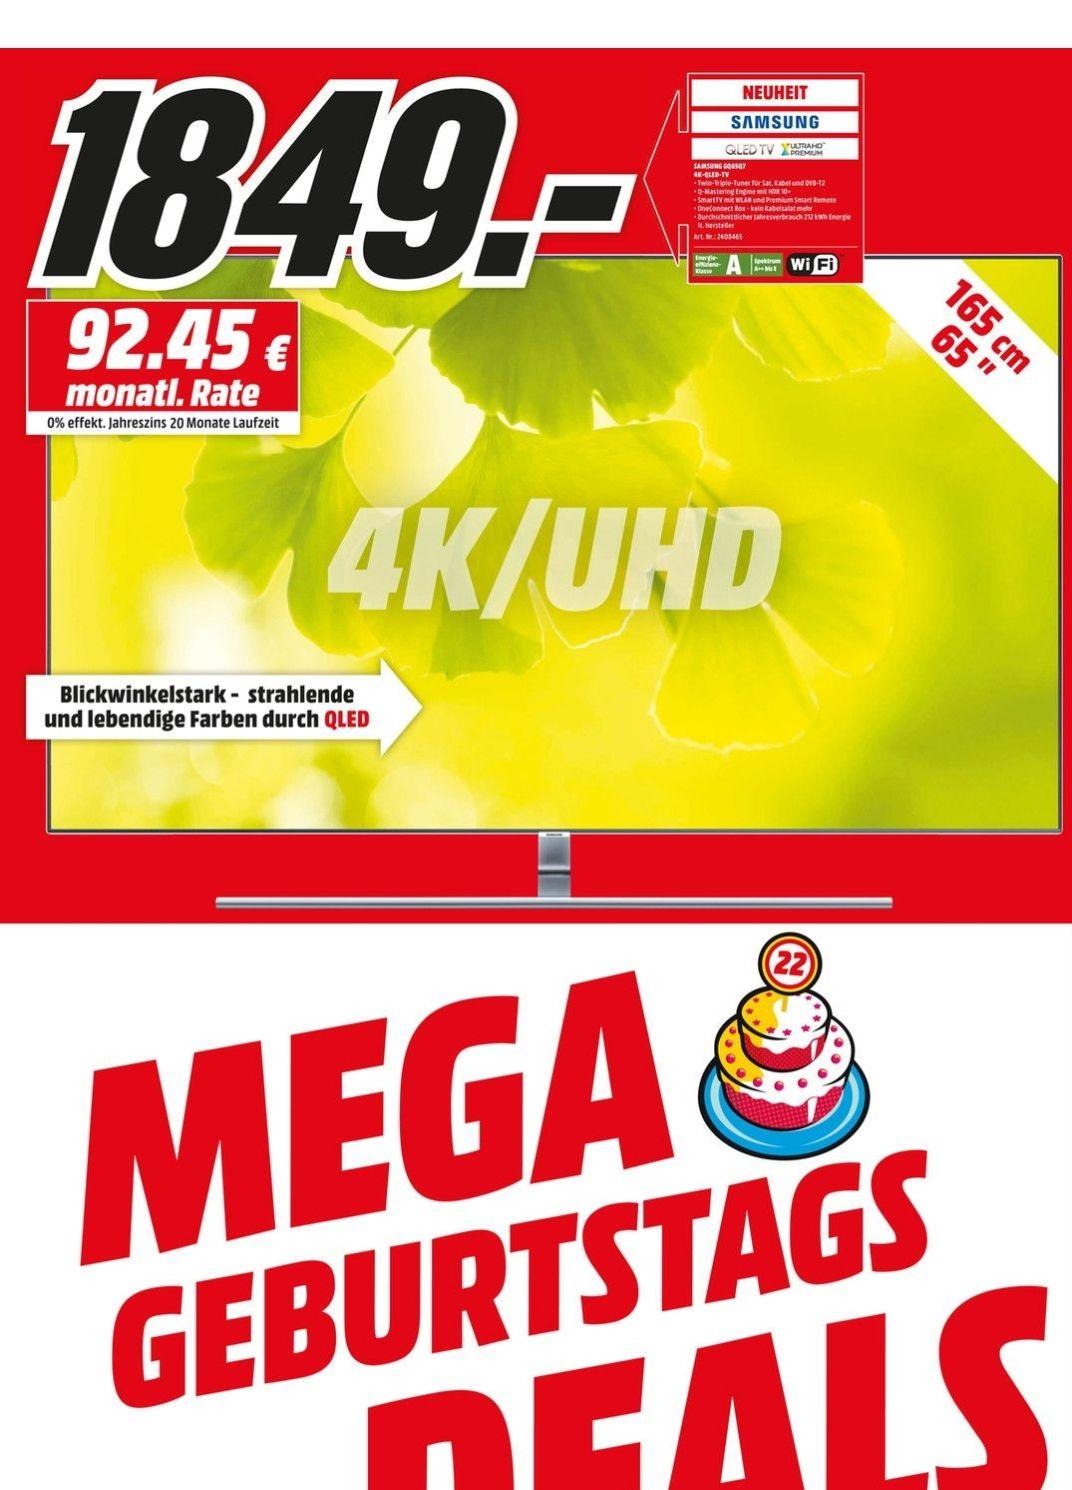 Samsung GQ 65Q7F [Lokal] Media Markt Bischofsheim für Clubmitglieder effektiv 1599€